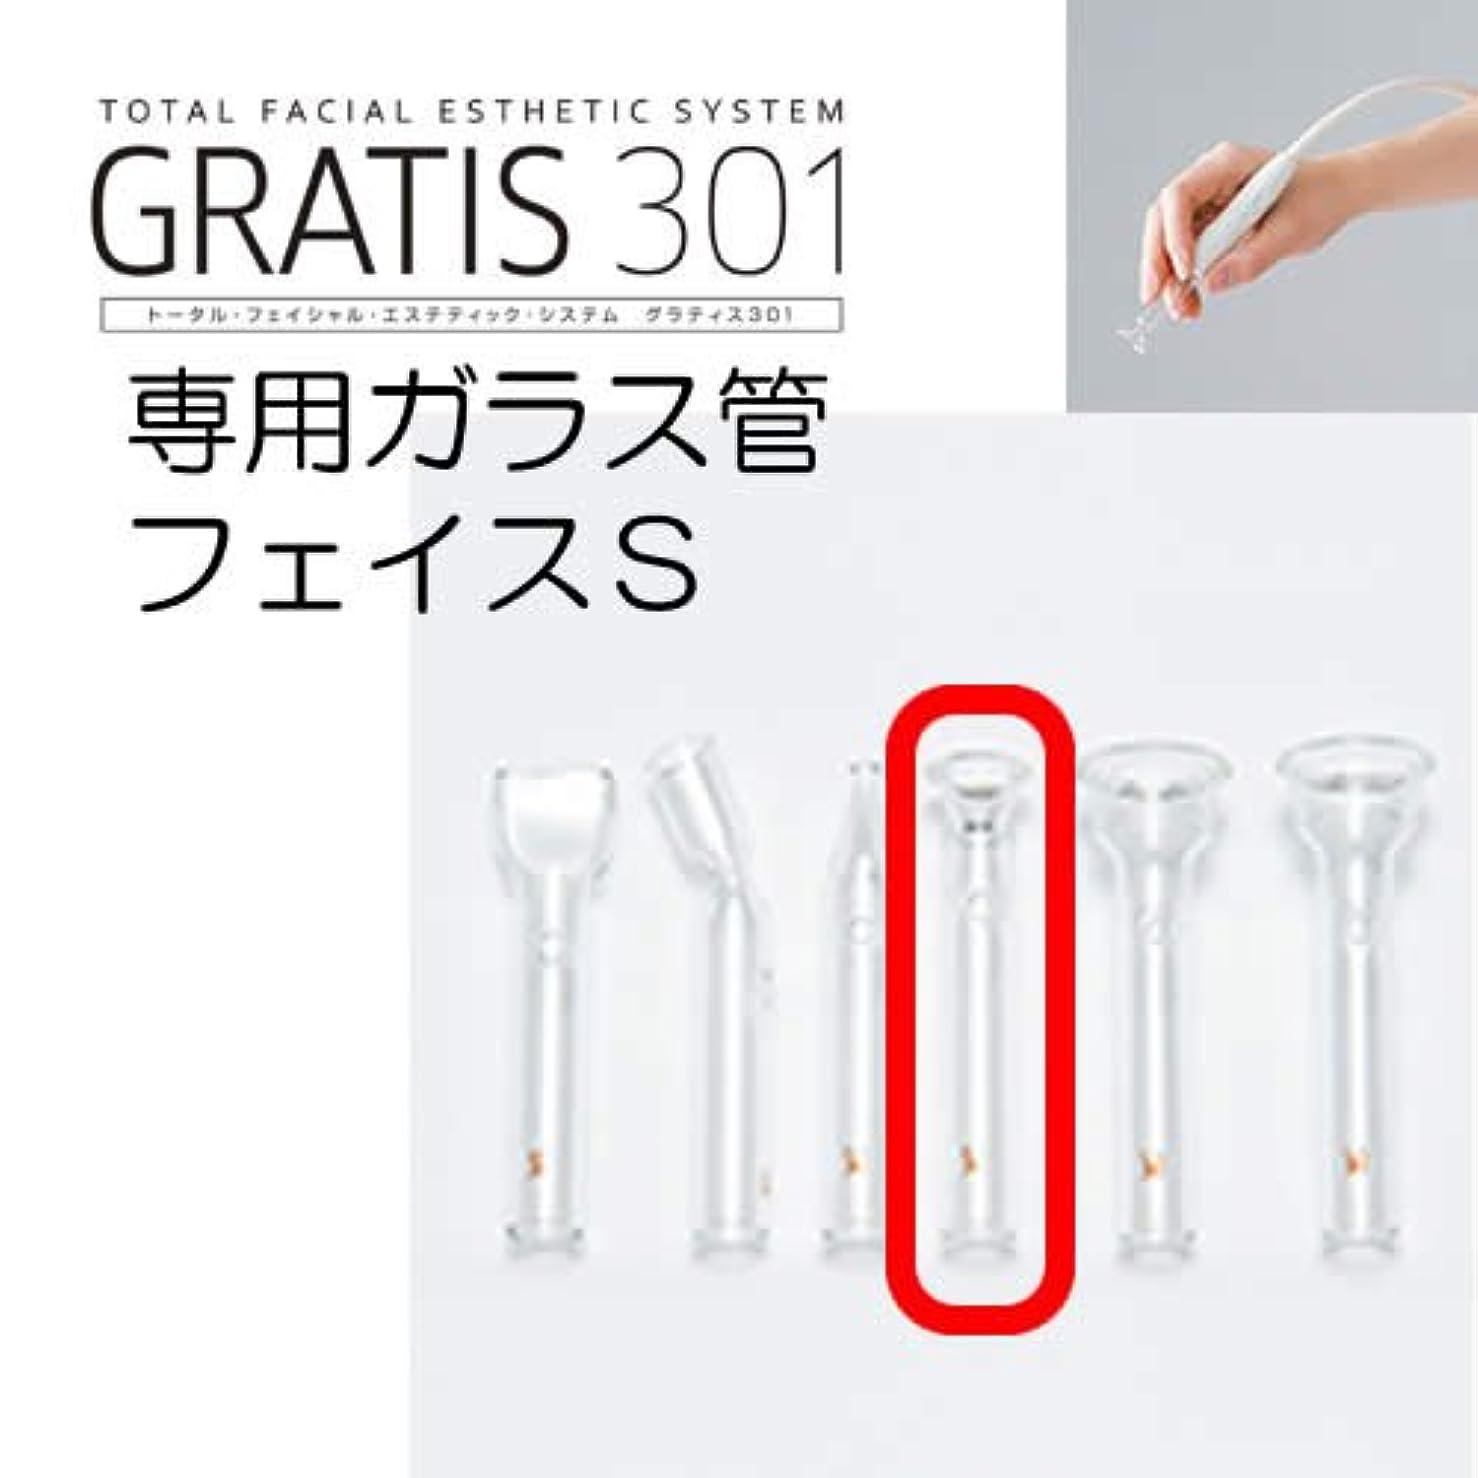 ギター細菌レスリングGRATIS 301(グラティス301)専用ガラス管 フェイスS(2本セット)